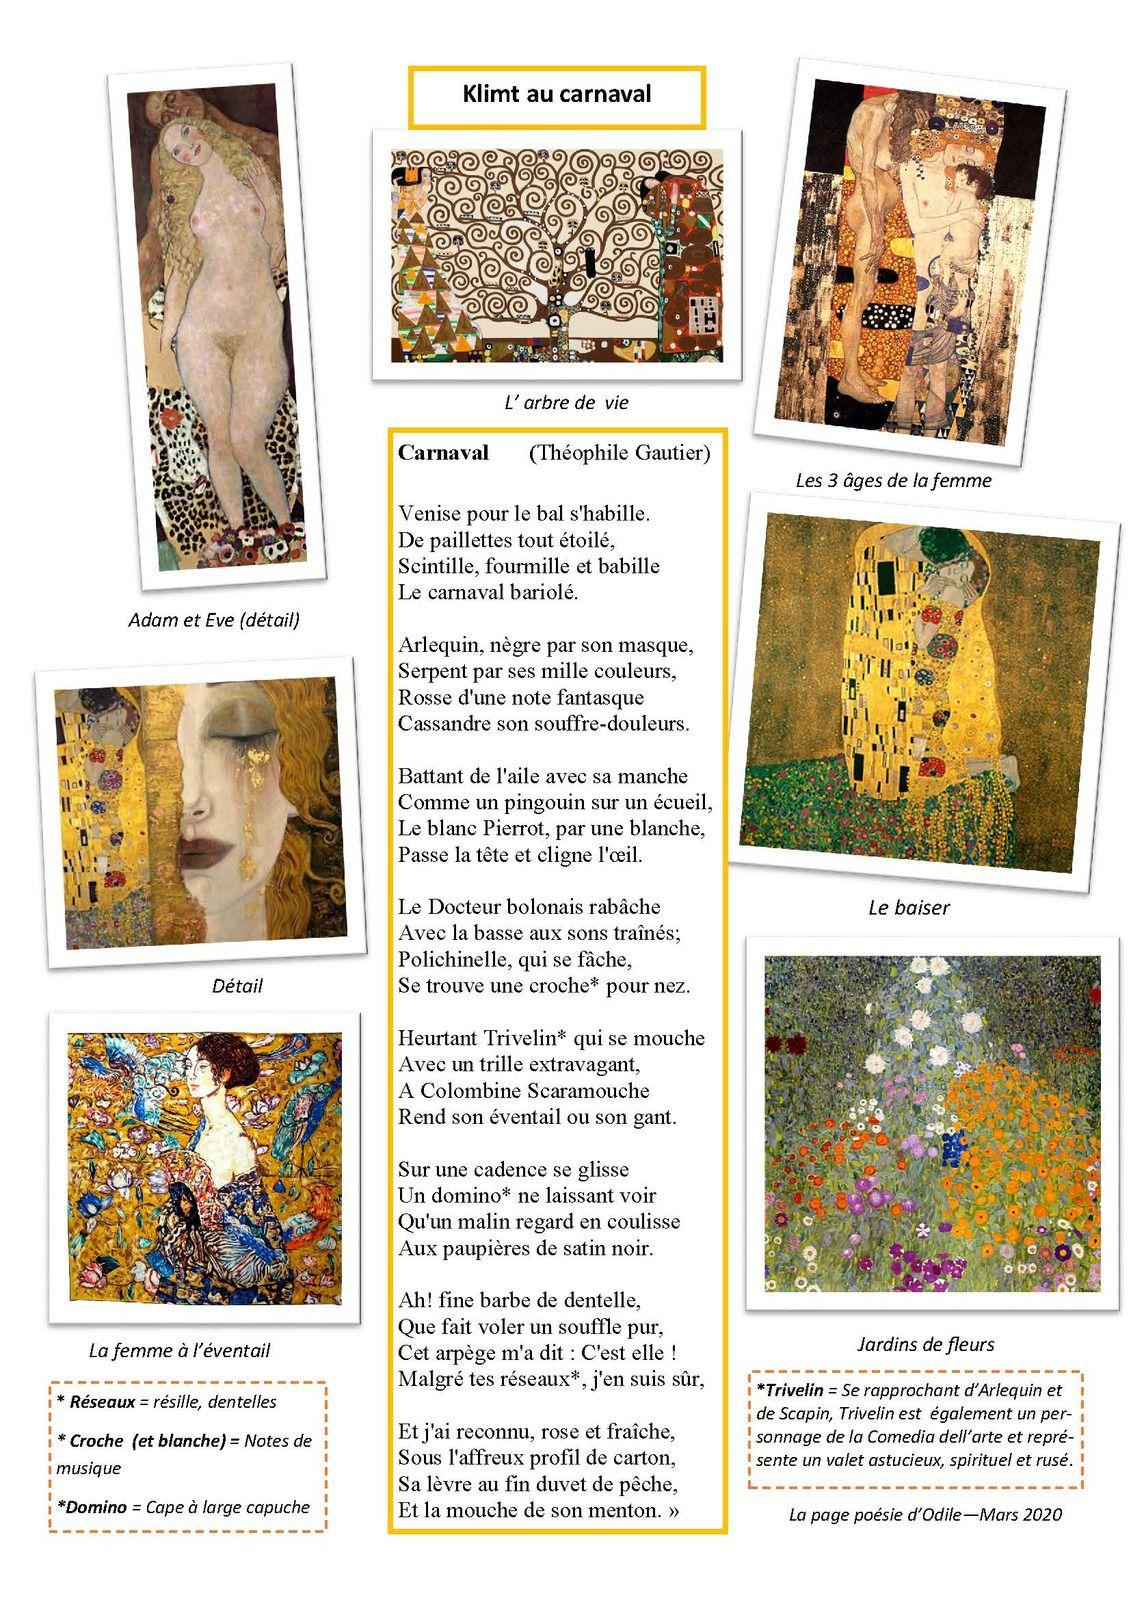 La page d'Odile: Klimt au carnaval